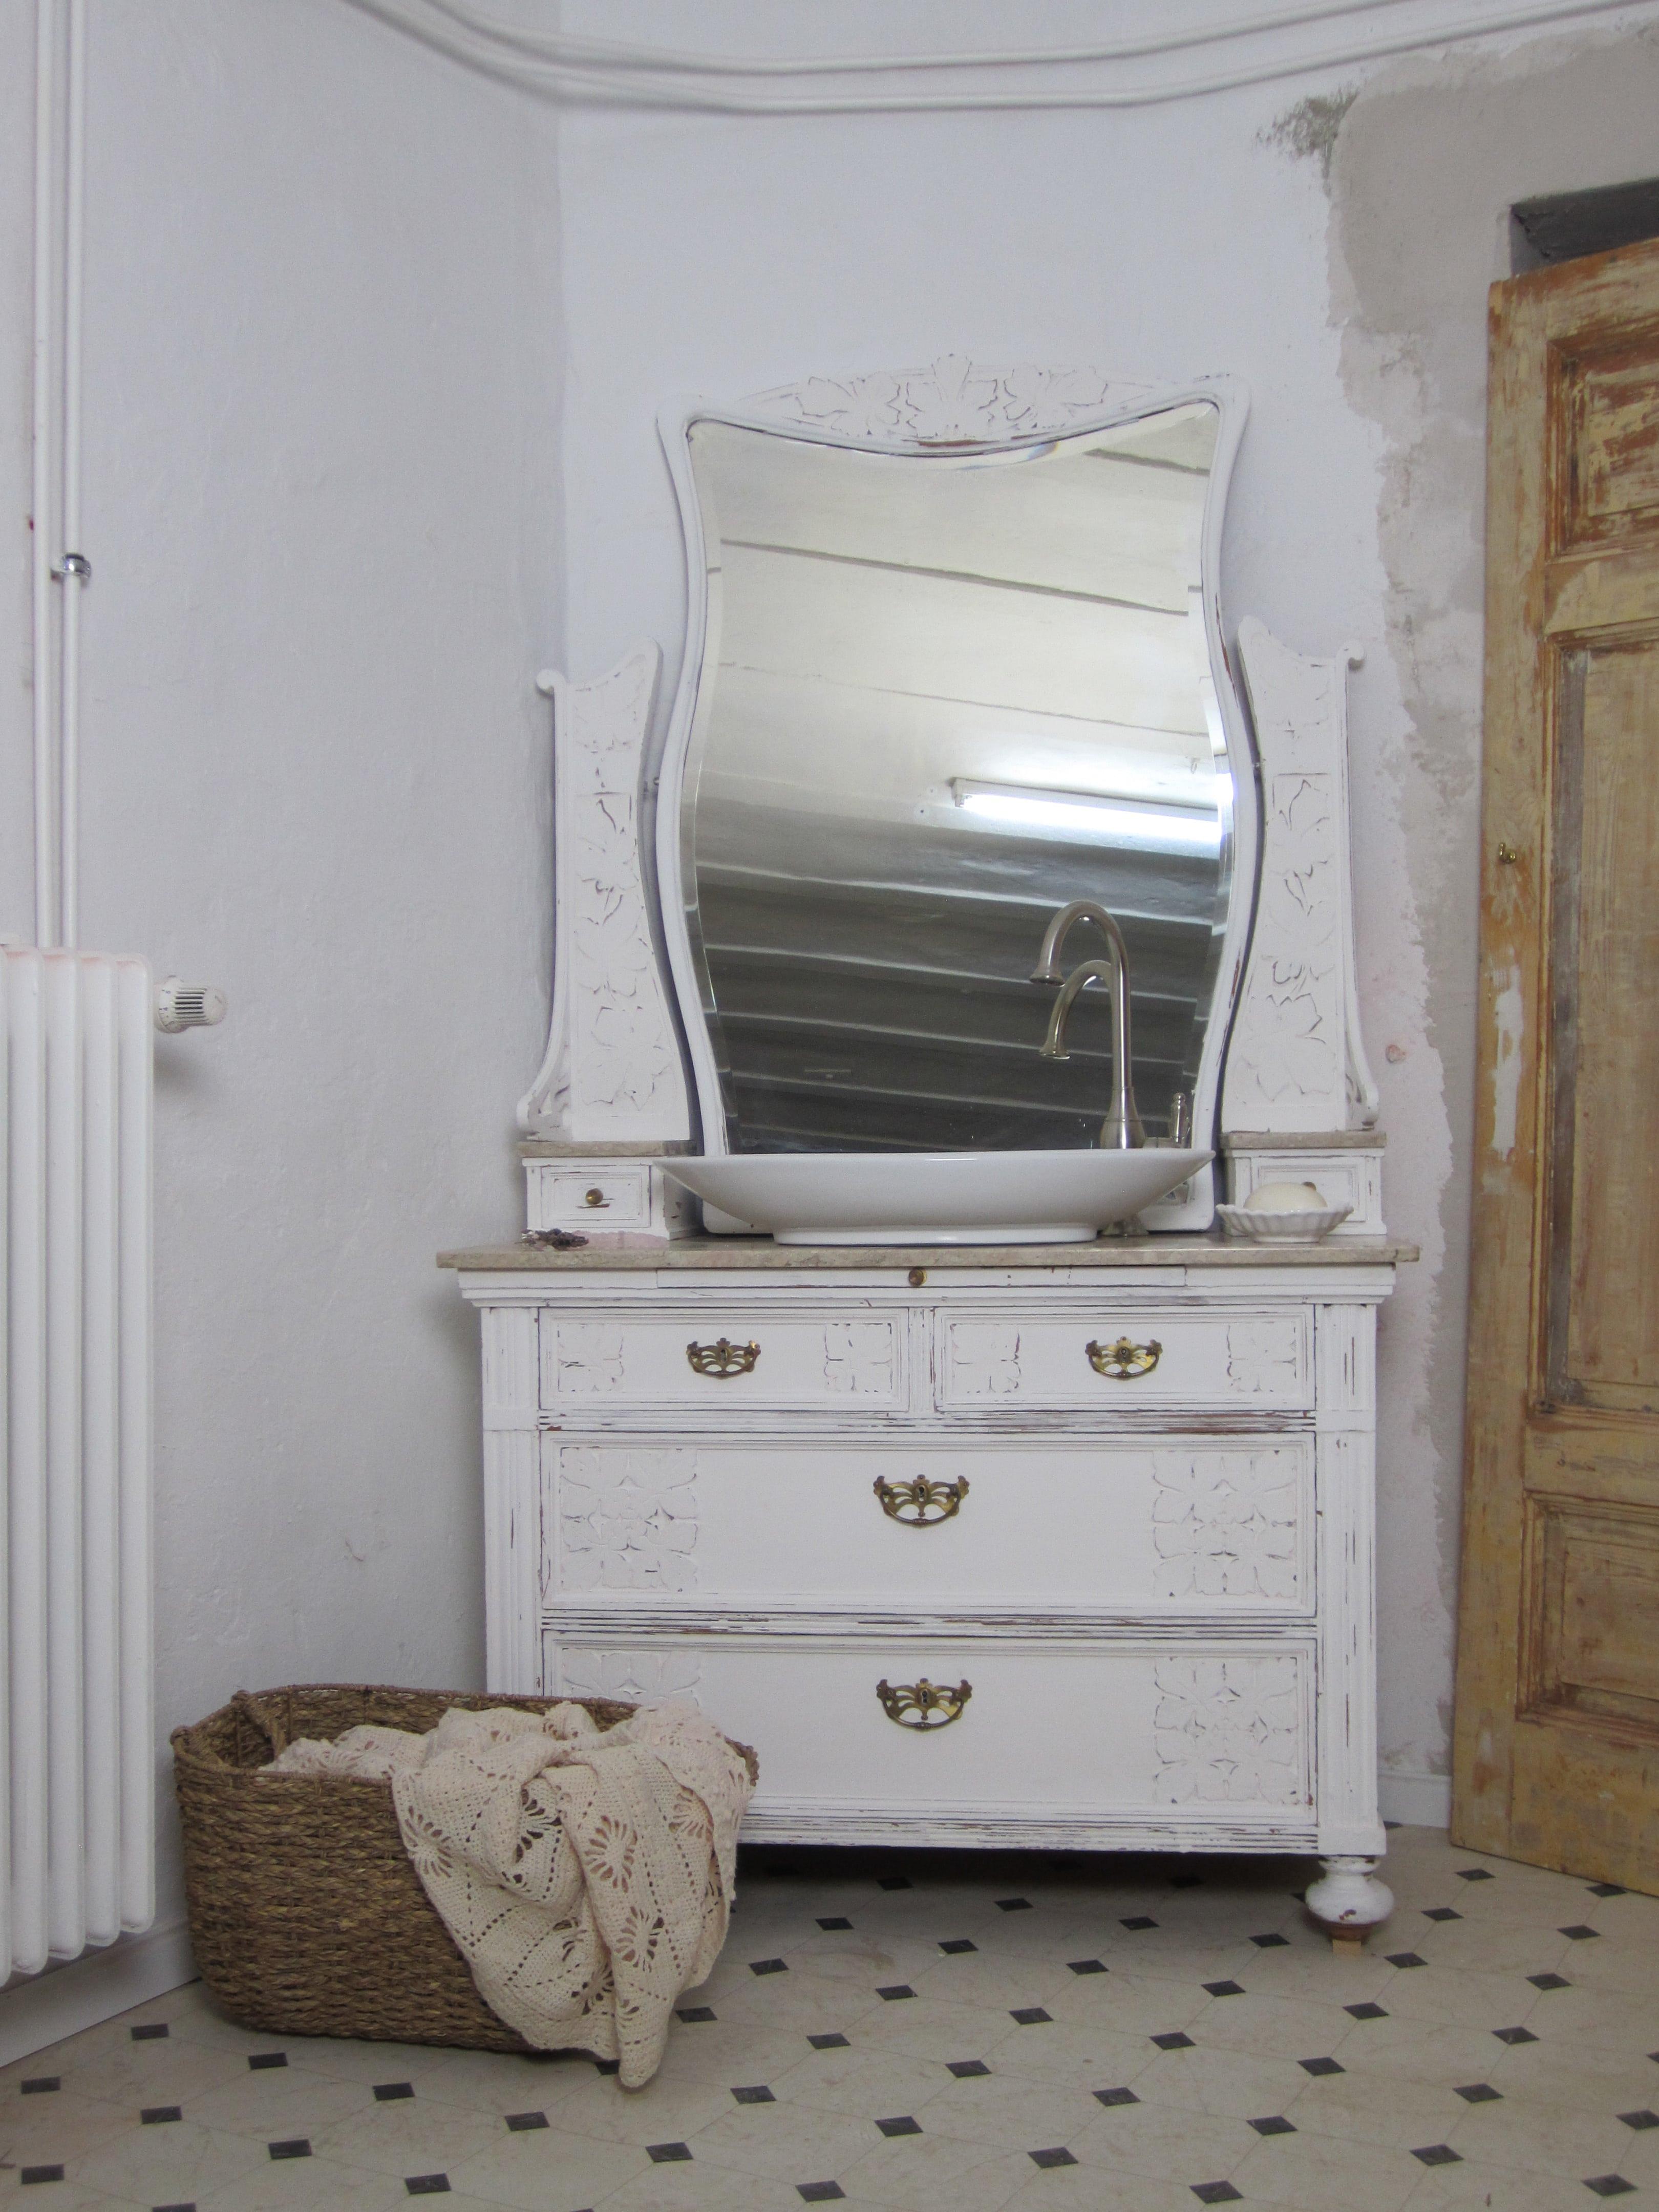 individuelle badmöbel landhaus spiegelkommode - wasserheimat